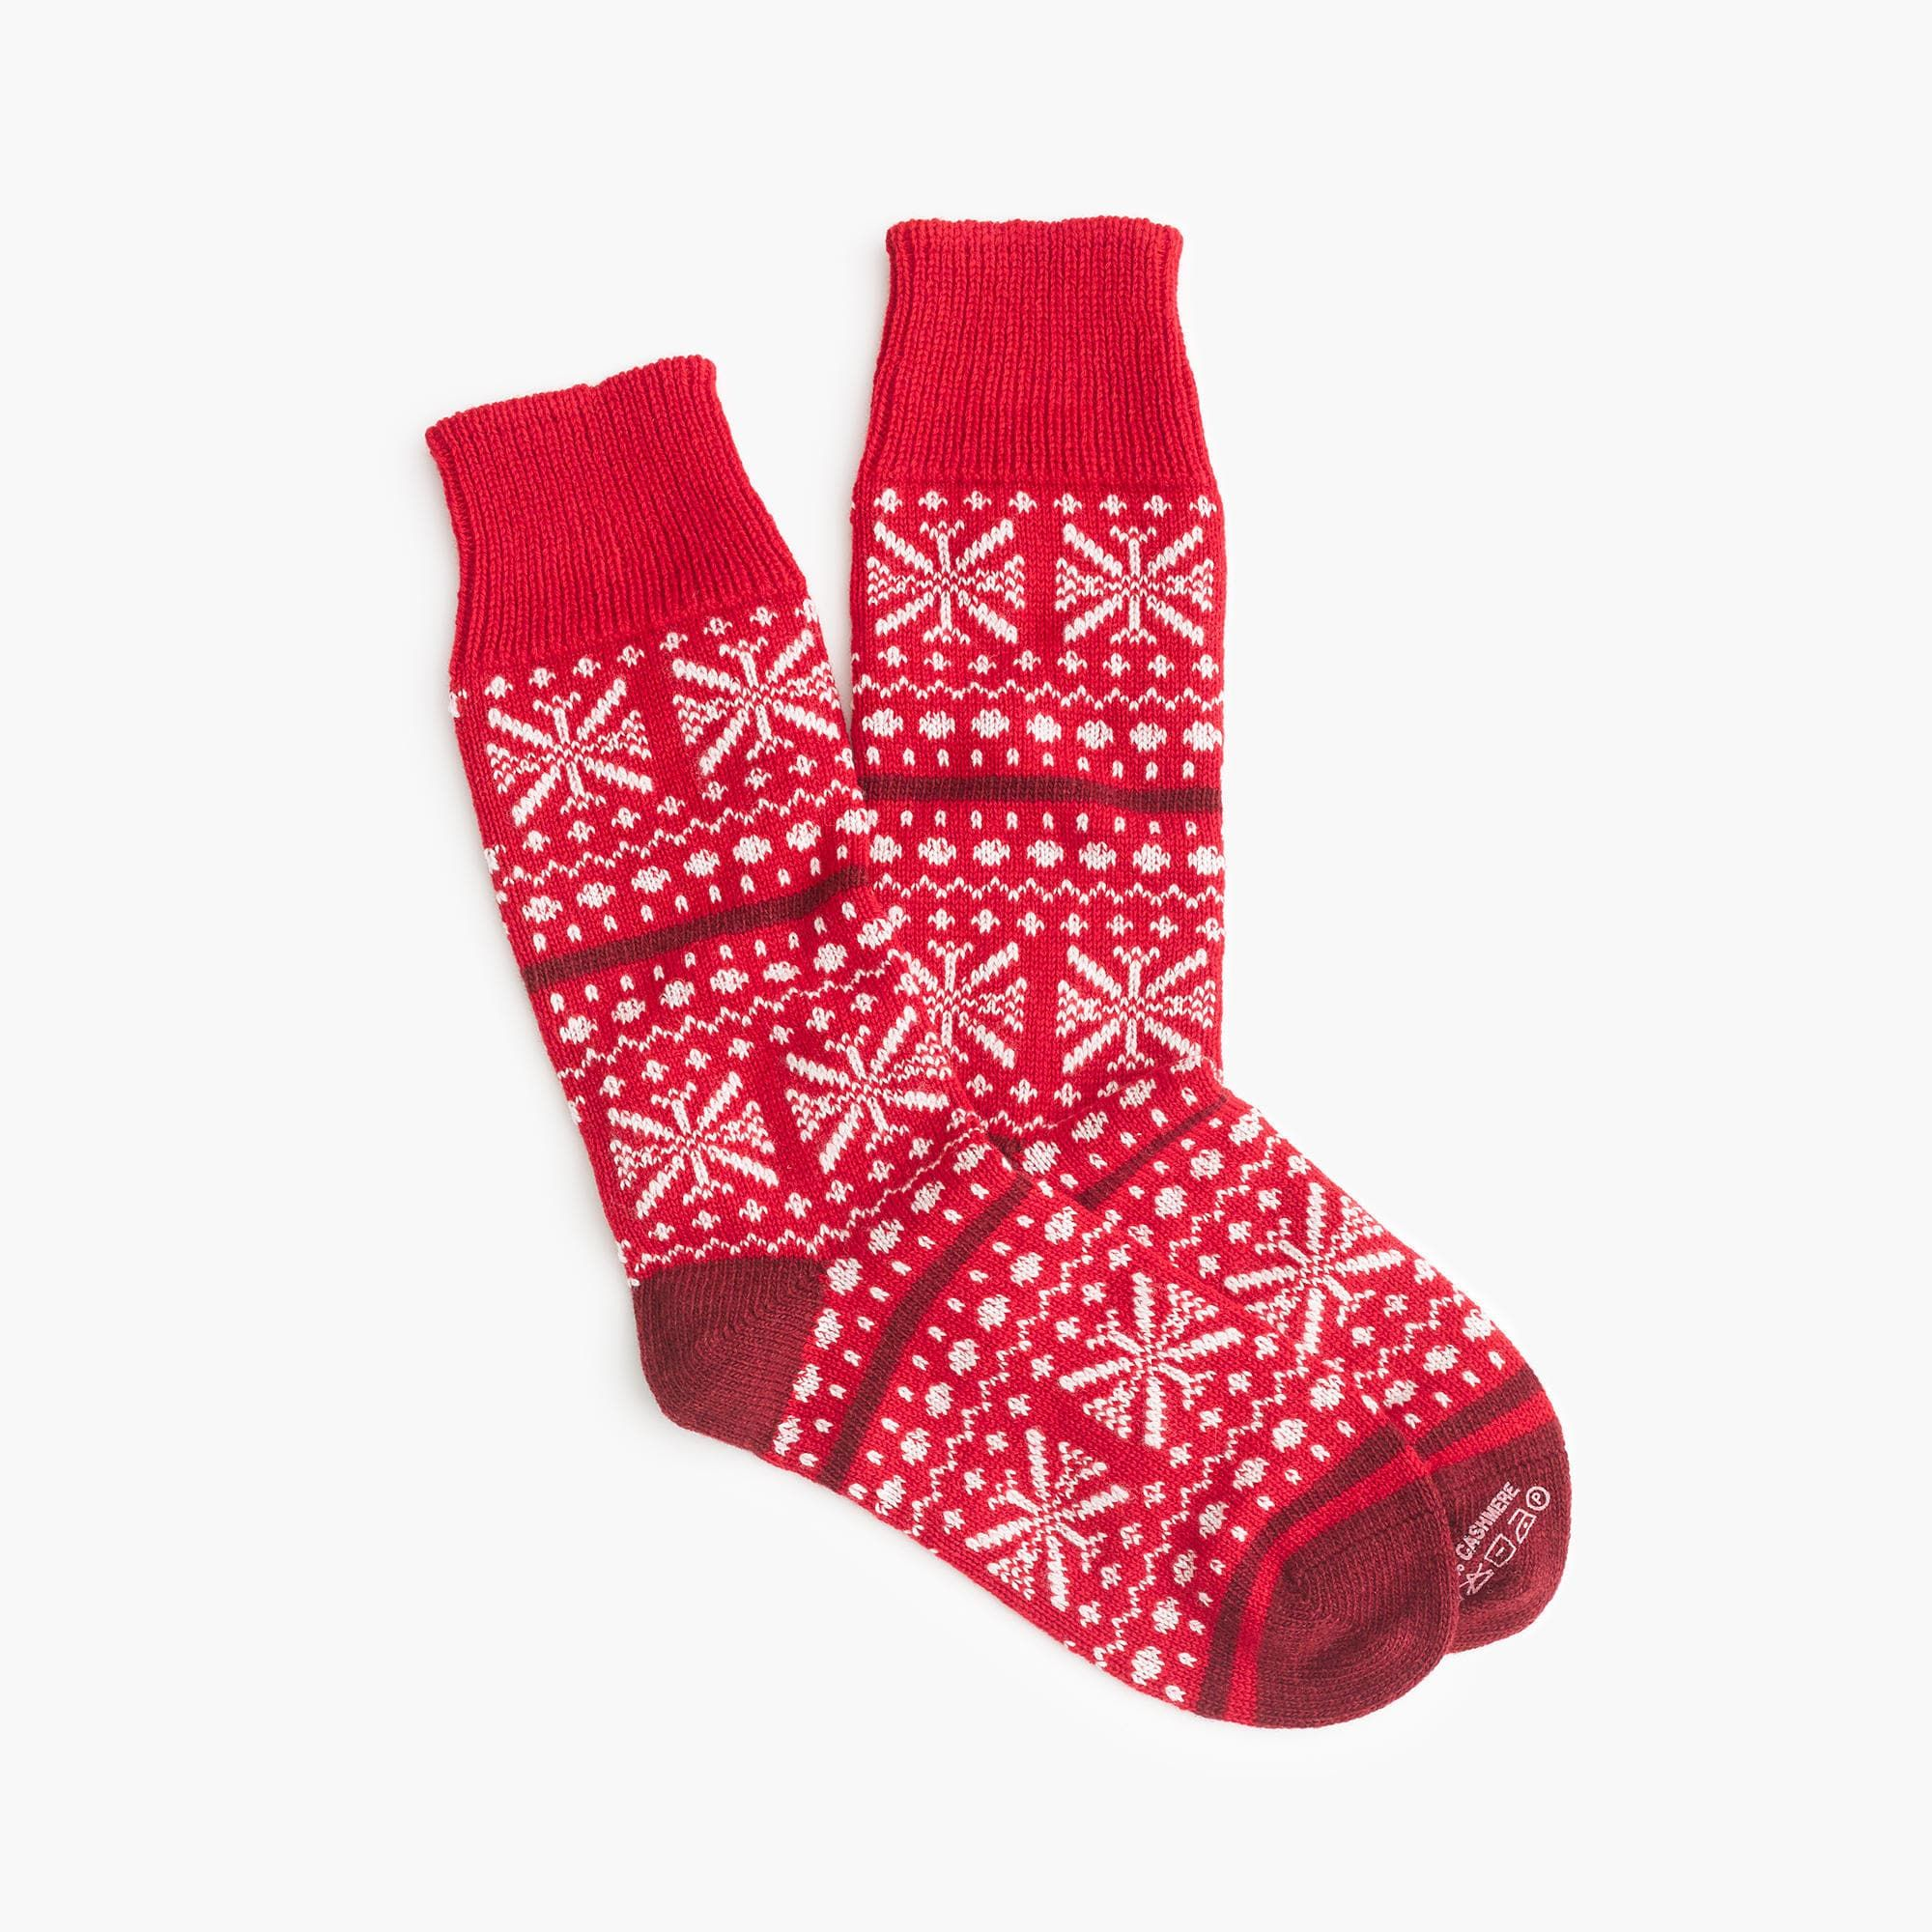 Jcrew Womens Corgi Trouser Socks In Cashmere